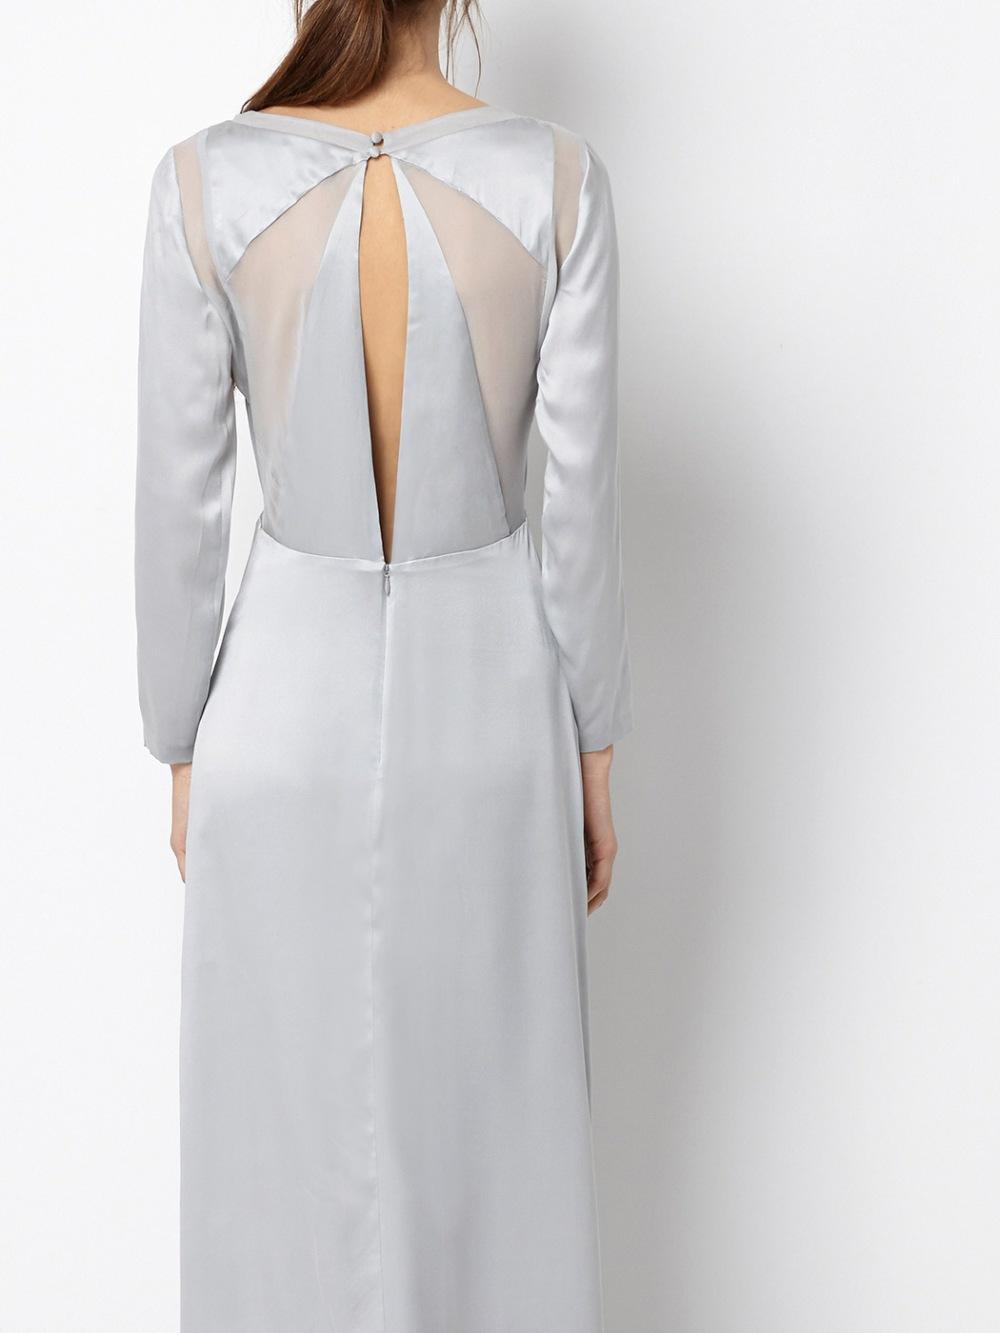 invitada-vestido-transparencias-hoss-intropia